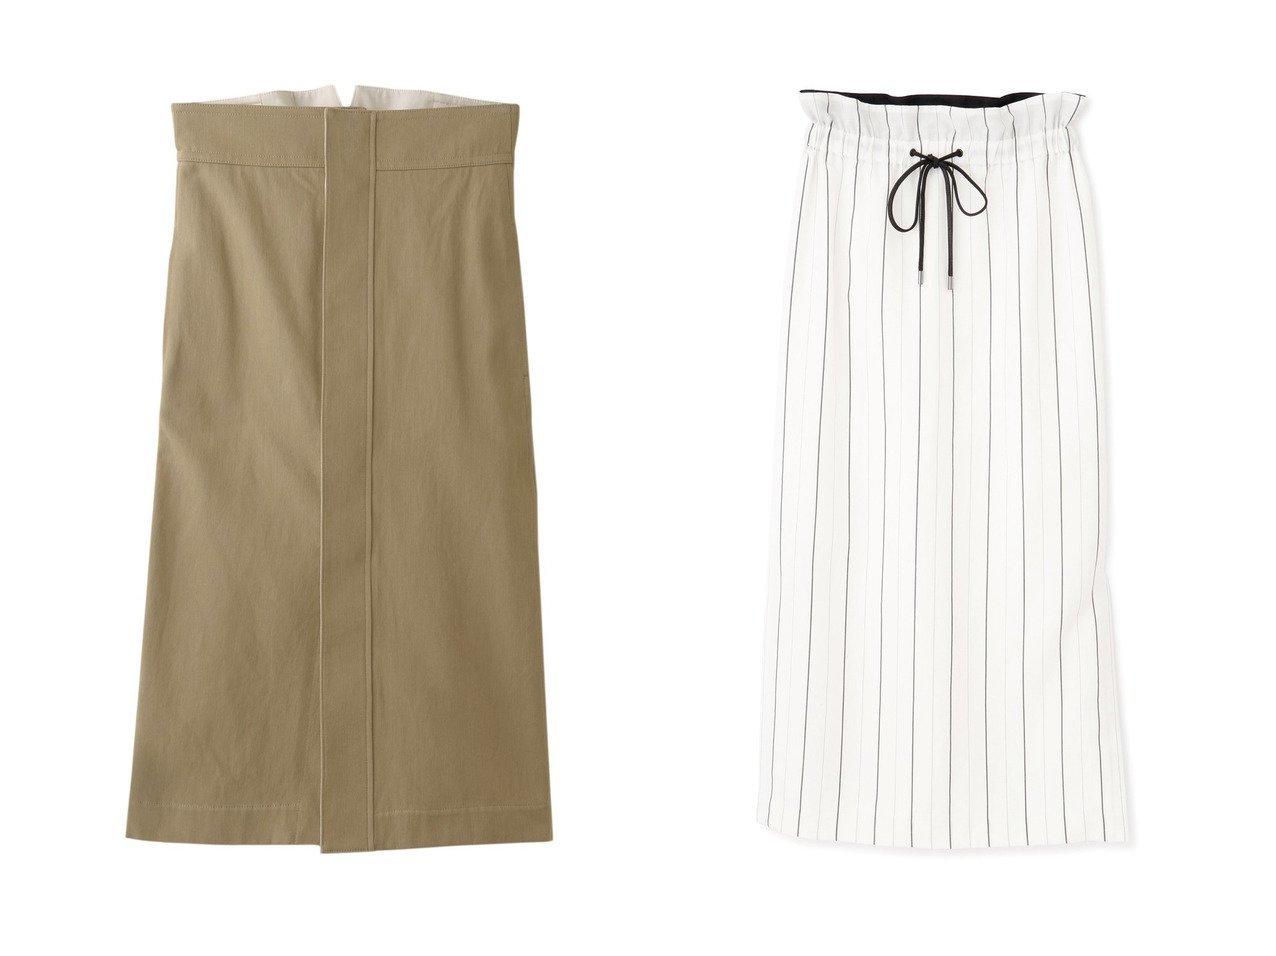 【BLAMINK/ブラミンク】のコットンバックベルトタイトスカート&【ADORE/アドーア】のユーカリストライプスカート 【スカート】おすすめ!人気、トレンド・レディースファッションの通販  おすすめで人気の流行・トレンド、ファッションの通販商品 メンズファッション・キッズファッション・インテリア・家具・レディースファッション・服の通販 founy(ファニー) https://founy.com/ ファッション Fashion レディースファッション WOMEN スカート Skirt ロングスカート Long Skirt バッグ Bag ベルト Belts おすすめ Recommend タイトスカート ロング ストライプ セットアップ リラックス ワーク |ID:crp329100000038311